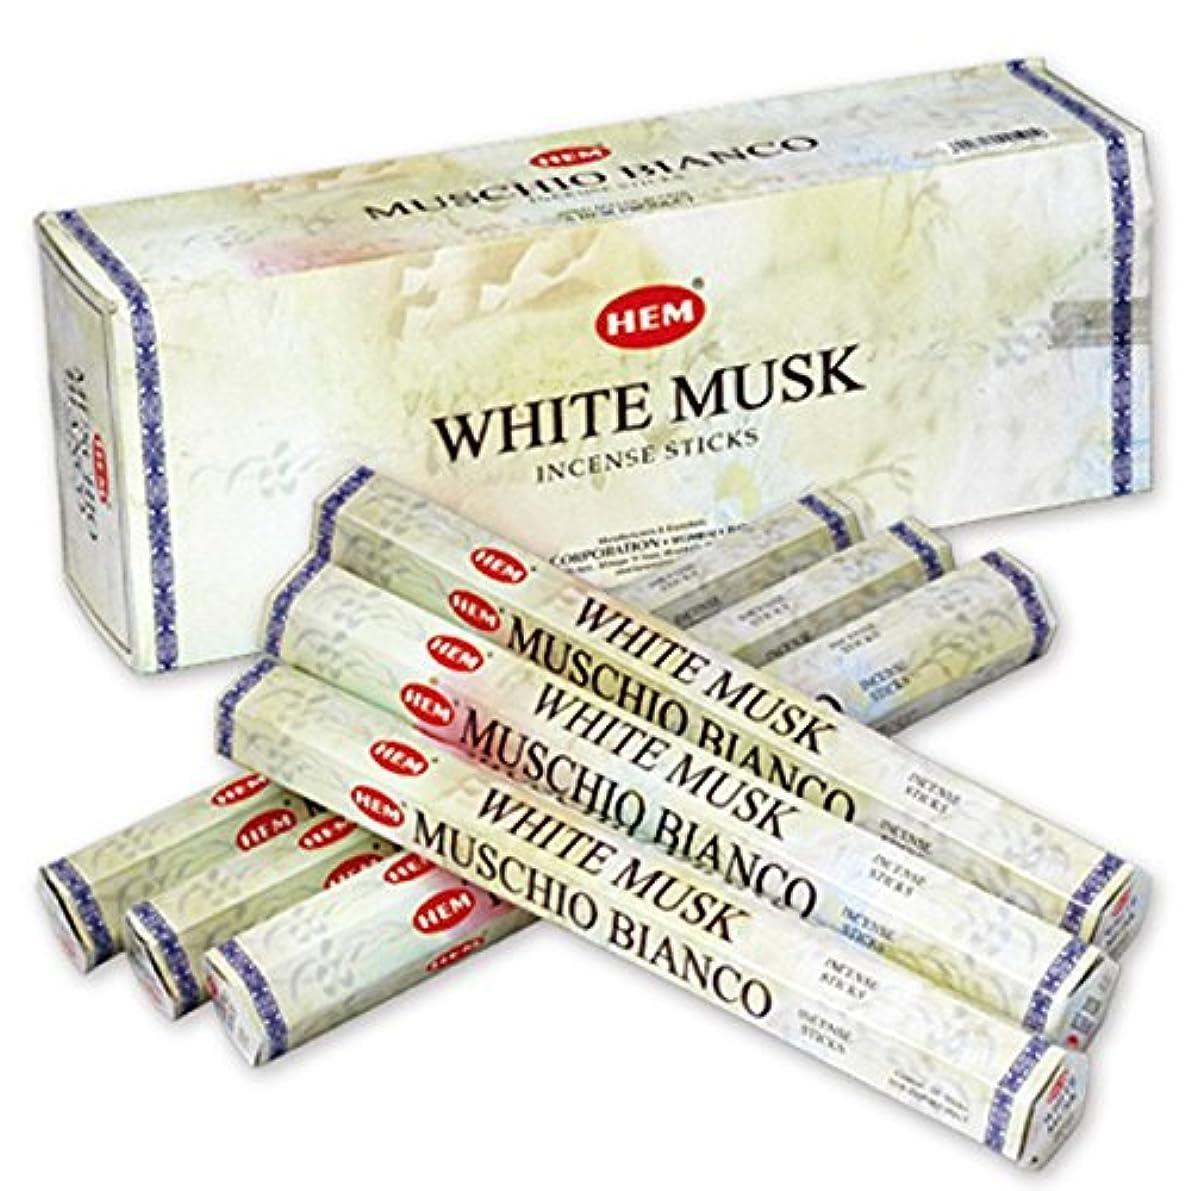 考古学者フォーカス近代化するHEM(ヘム) ホワイト?ムスク WHITE-MUSK スティックタイプ お香 6筒 セット [並行輸入品]